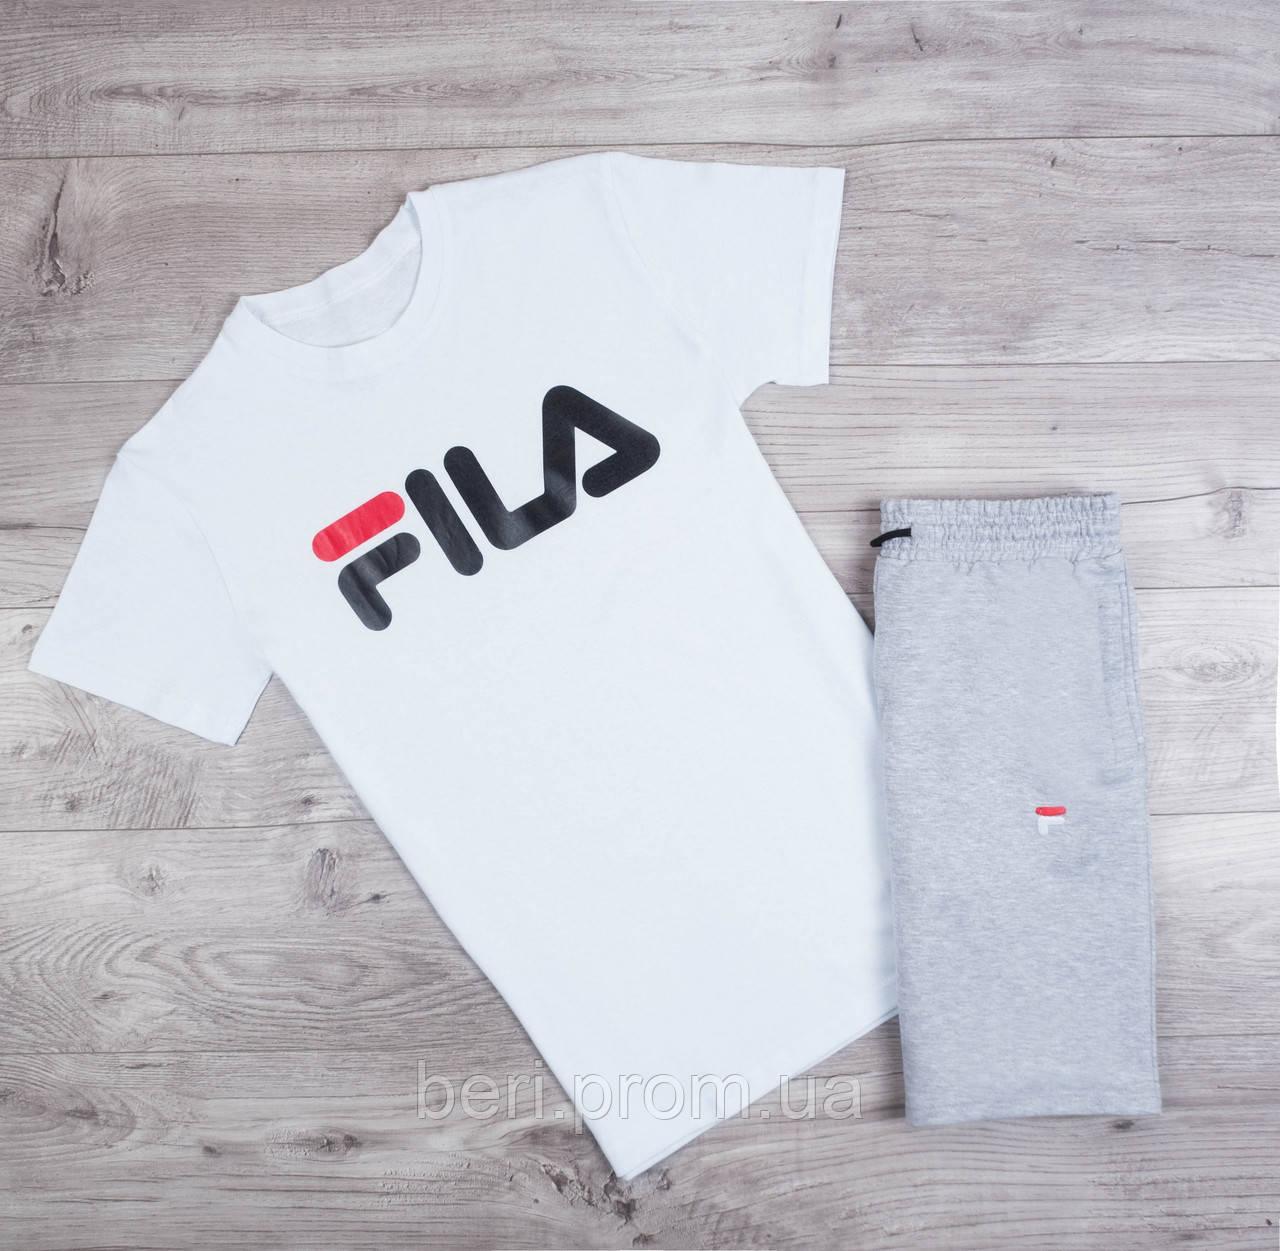 bf3068dd Мужской летний спортивный костюм, комплект шорты и футболка Fila | Фила,  Філа (Бело